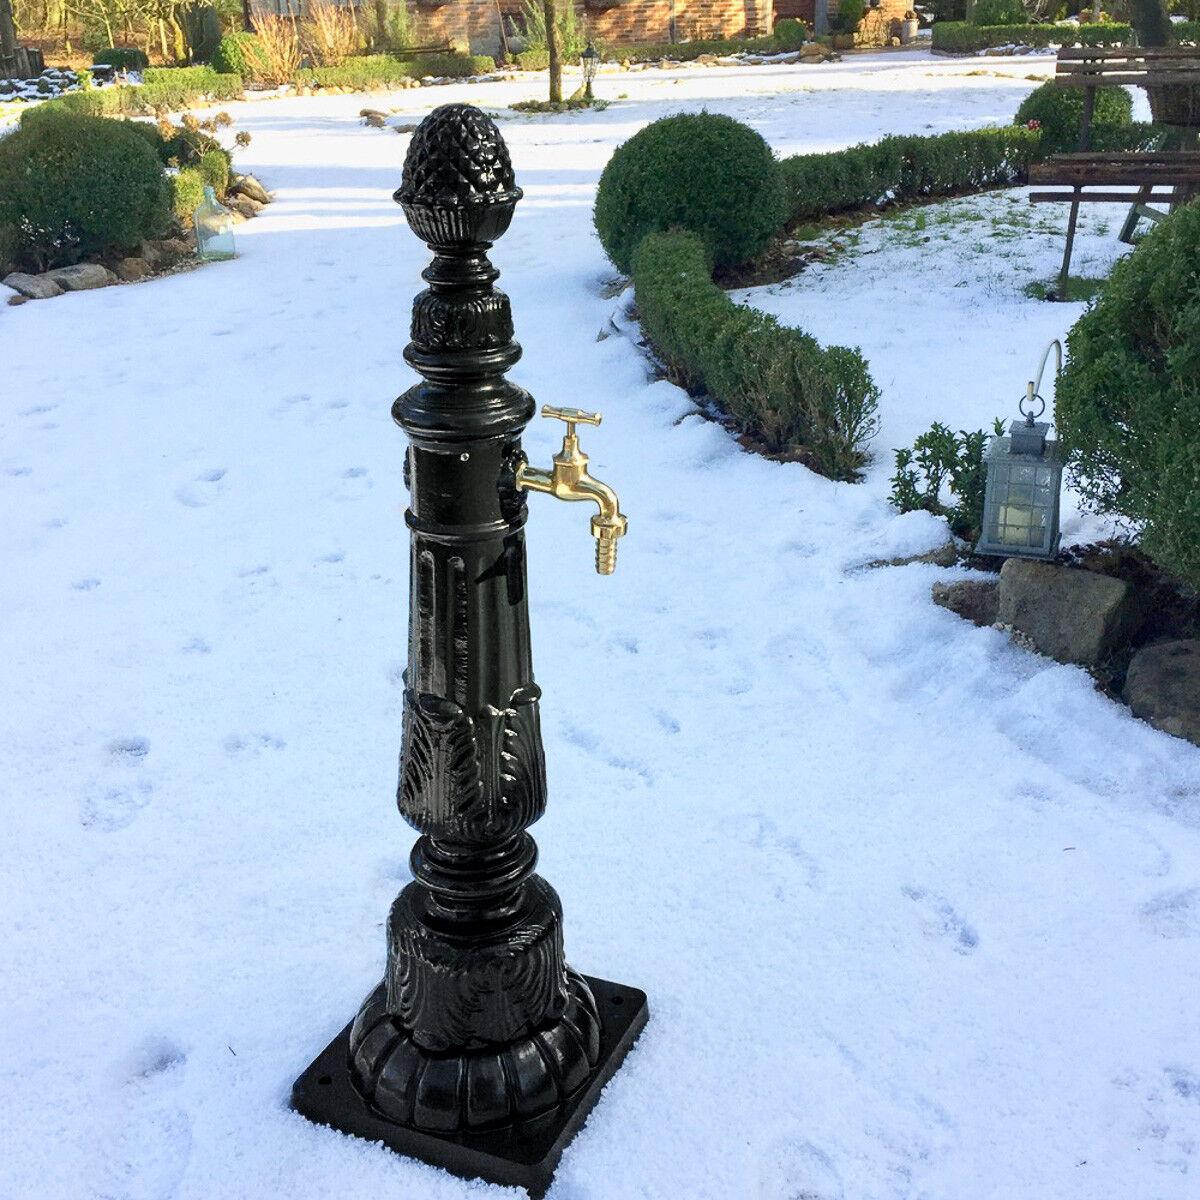 Nostalgia pompa, fontana da giardino con rubinetto, Giardino Fontana Pozzo pilastri